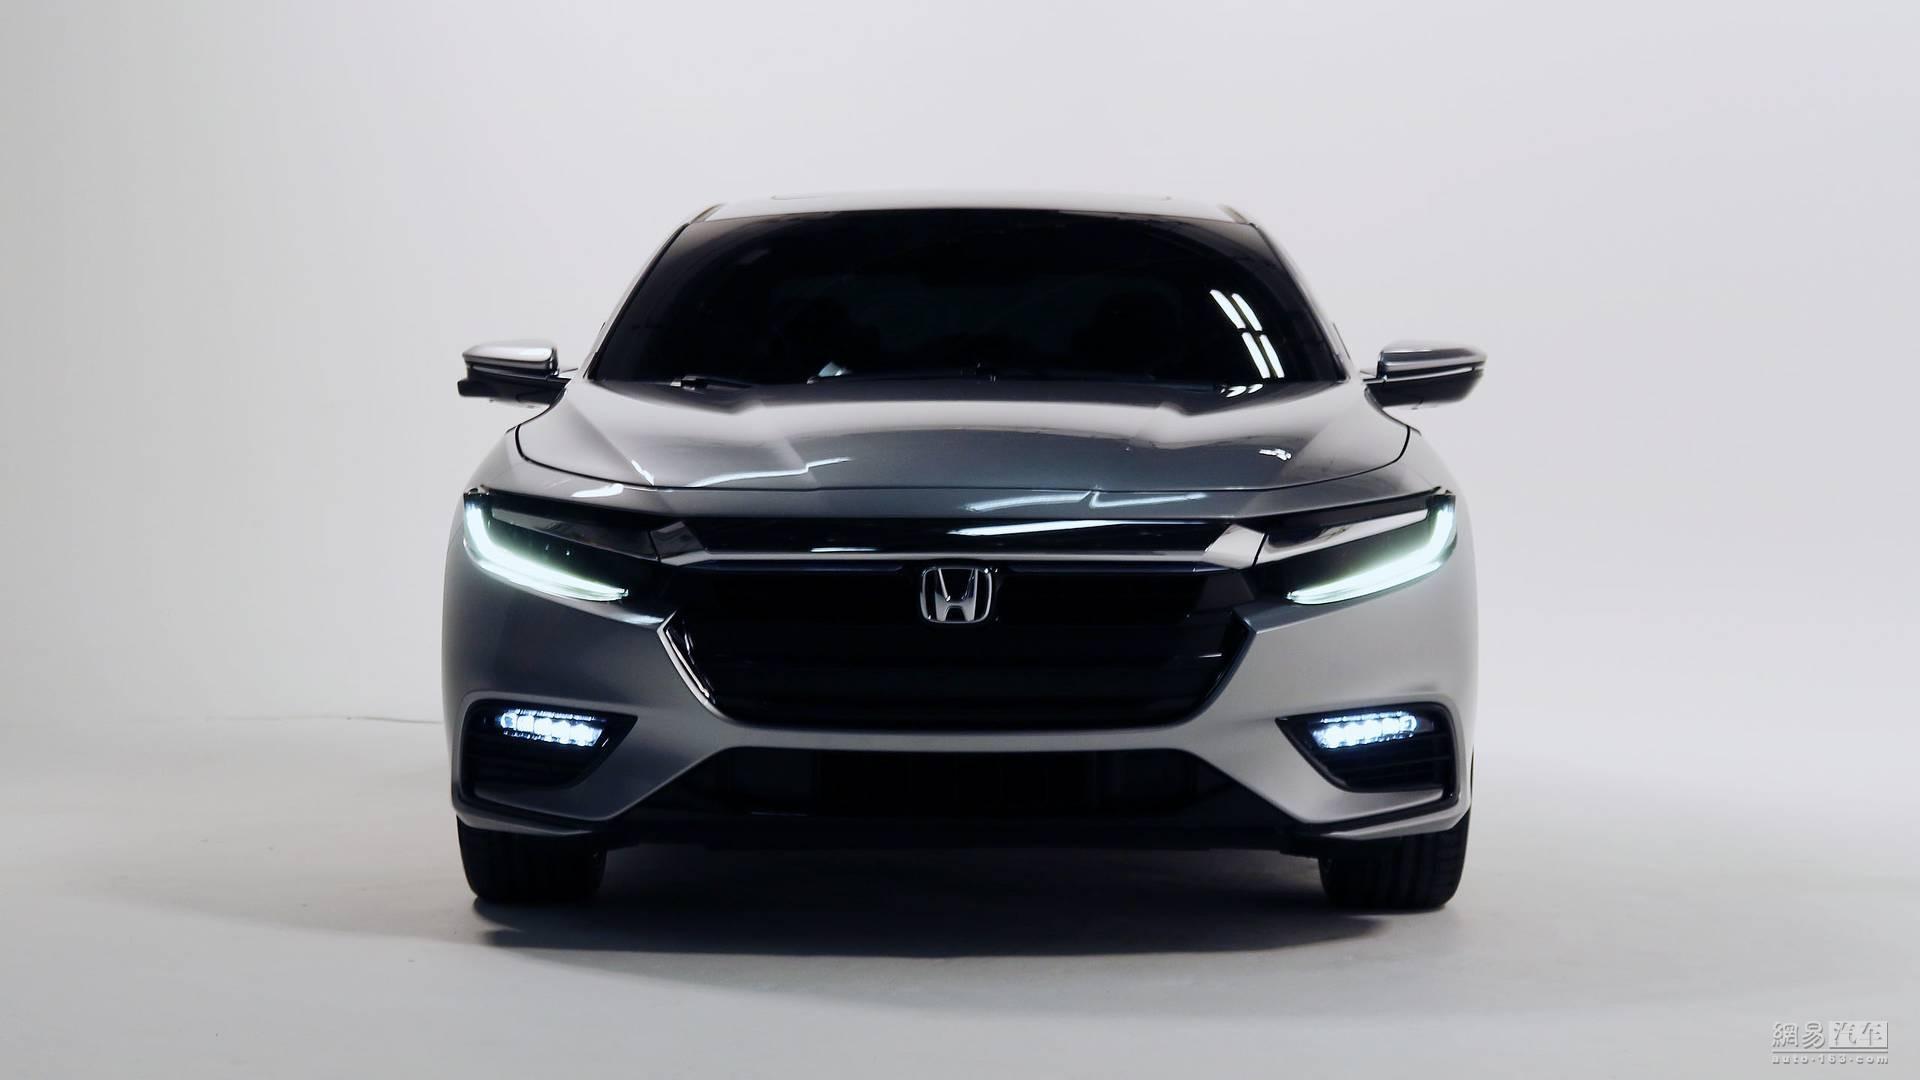 北美车展首发 本田全新Insight原型车曝光